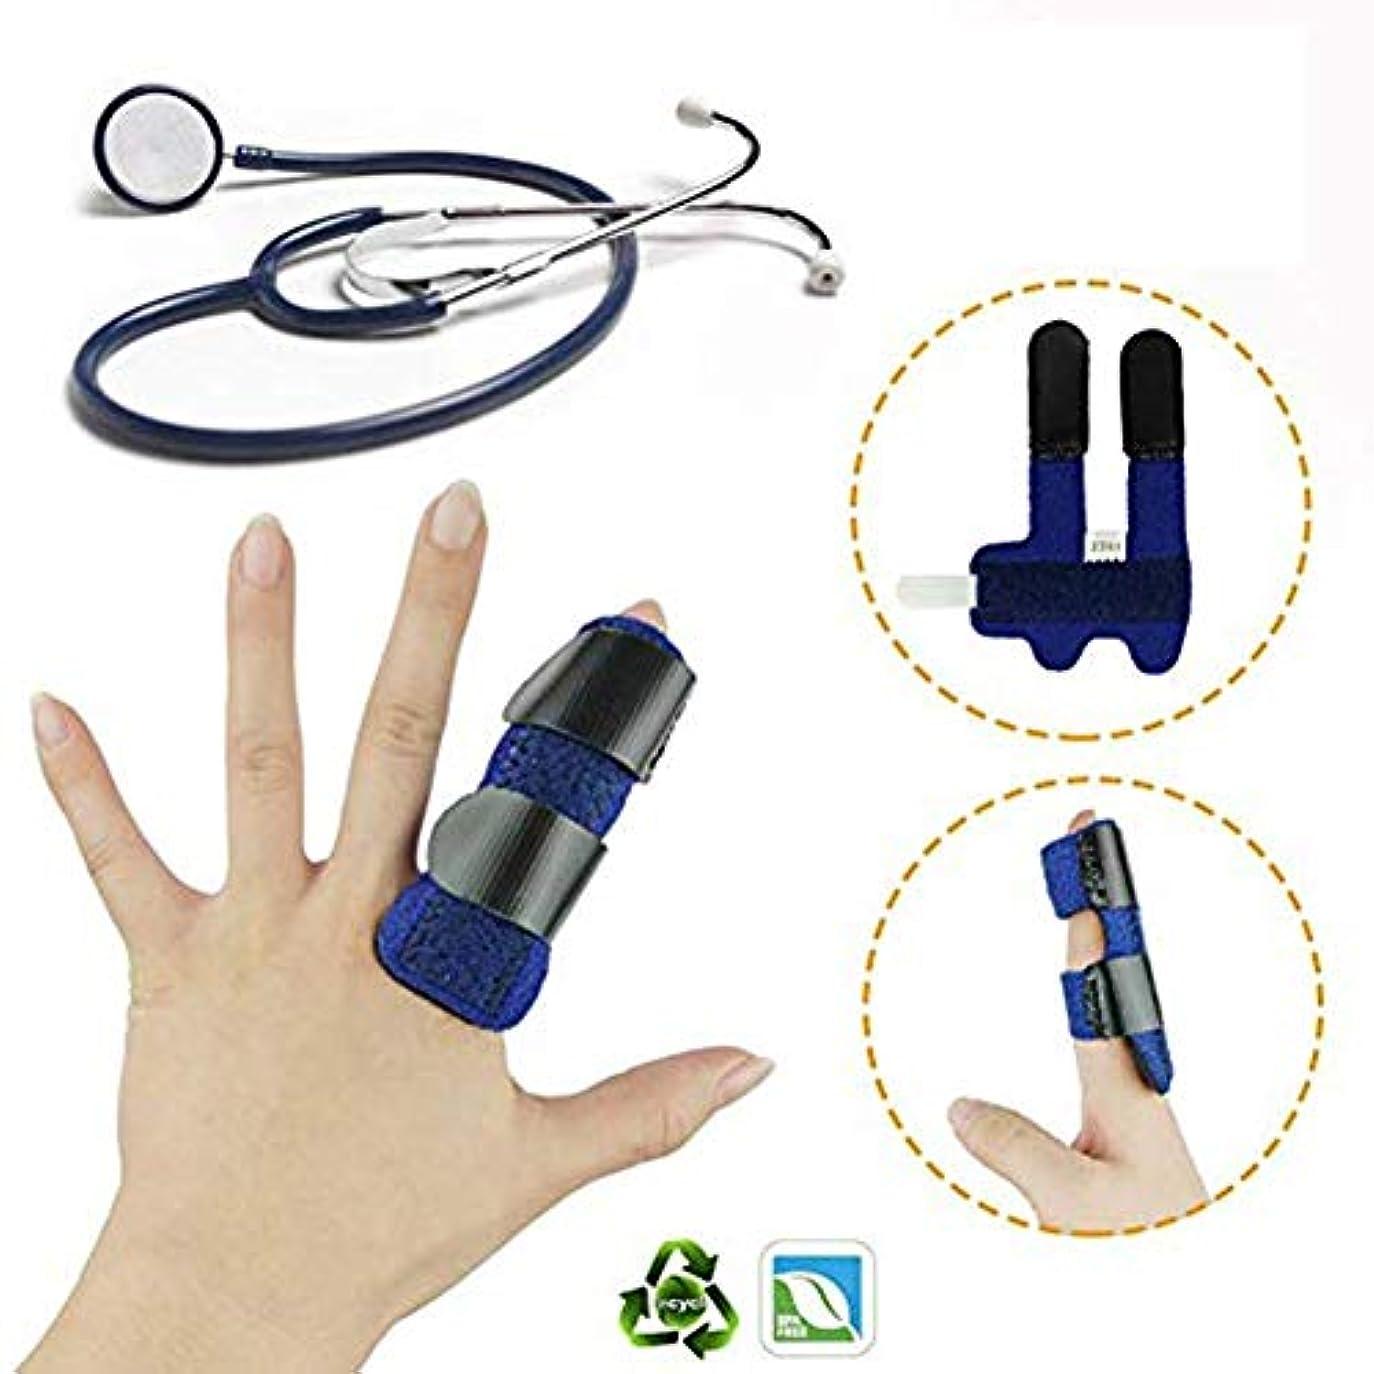 太い寄託集団内蔵アルミ関節痛、関節炎のために調整可能なスプリント、ばね指、マレットスプリント、サポートブレース、イモビライザーを、指、任意の指にフィット。